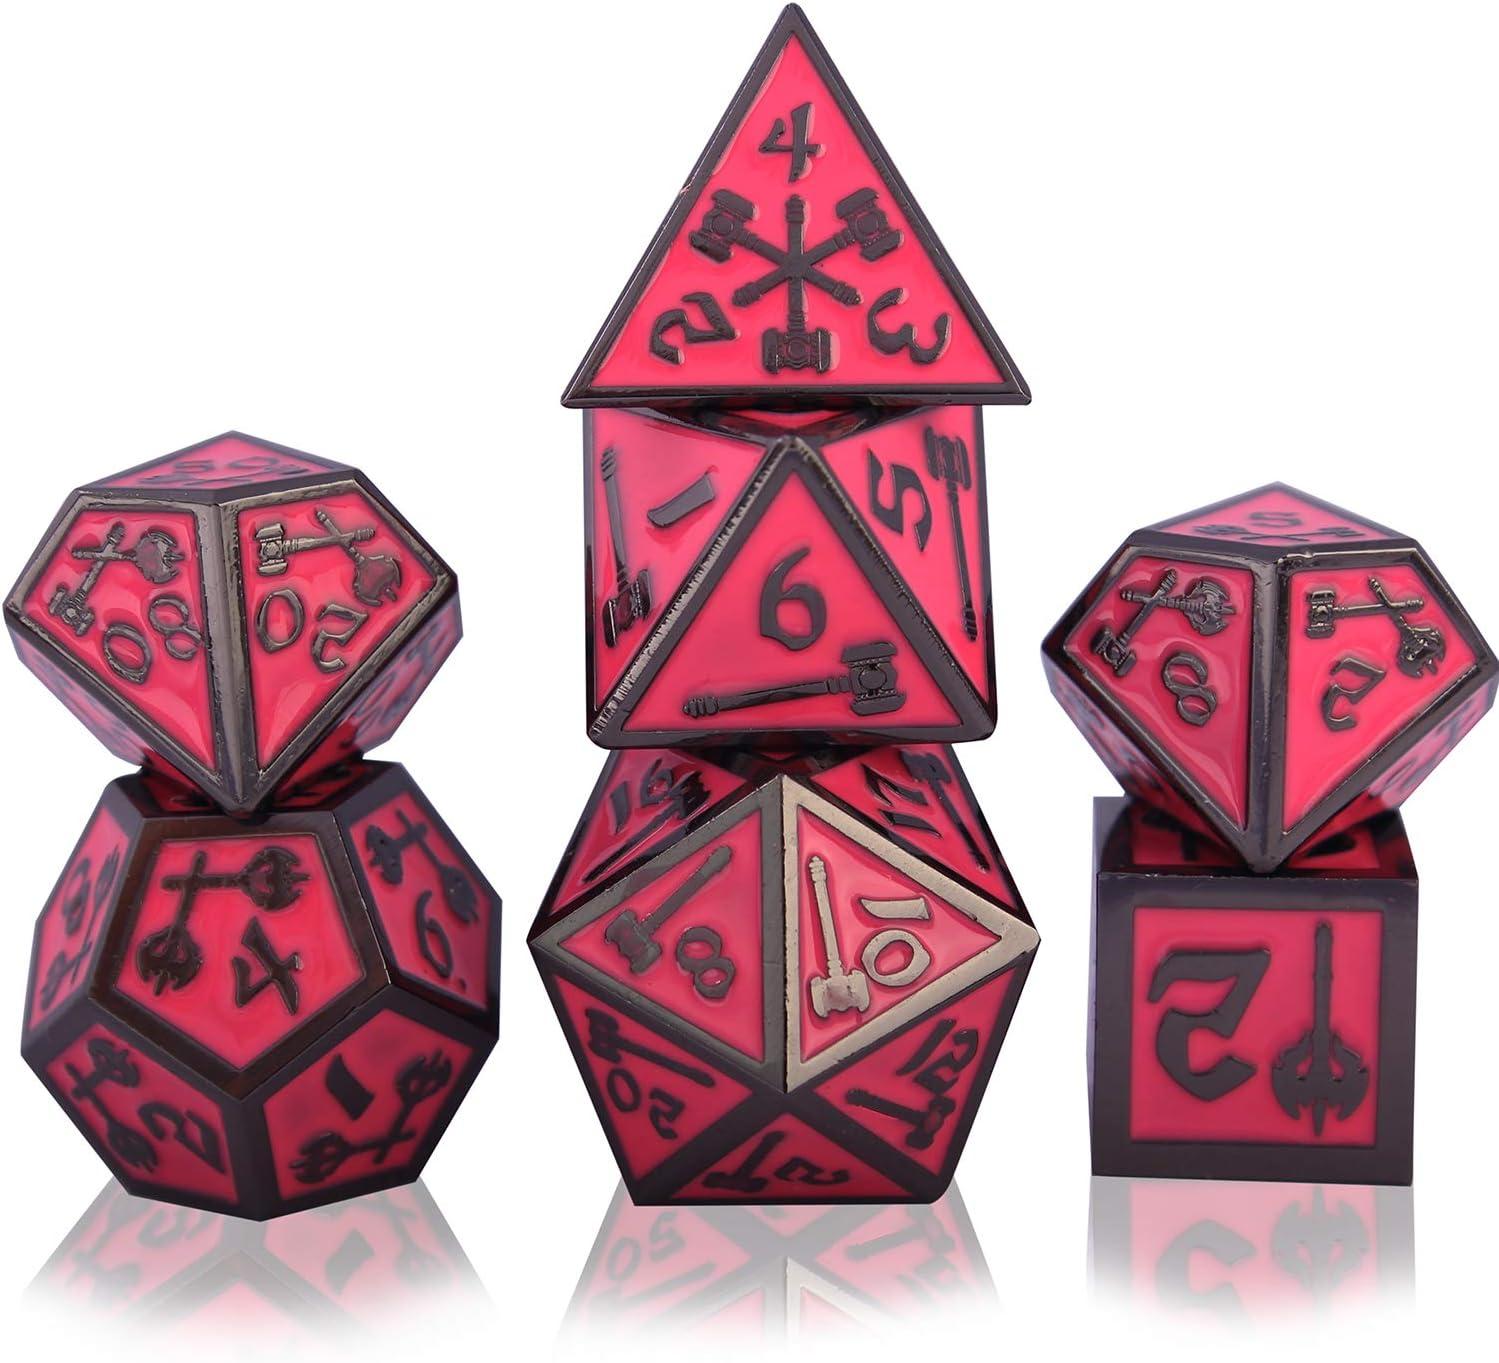 Metall Dnd Würfel Set D D 7 Teilig D20 D12 D10 D8 D6 D4 Für Dungeons Und Dragons Ttrpg Spiele Rpg Dice Gaming D D Mathematik Lehre Black Nickel Red Amazon De Küche Haushalt